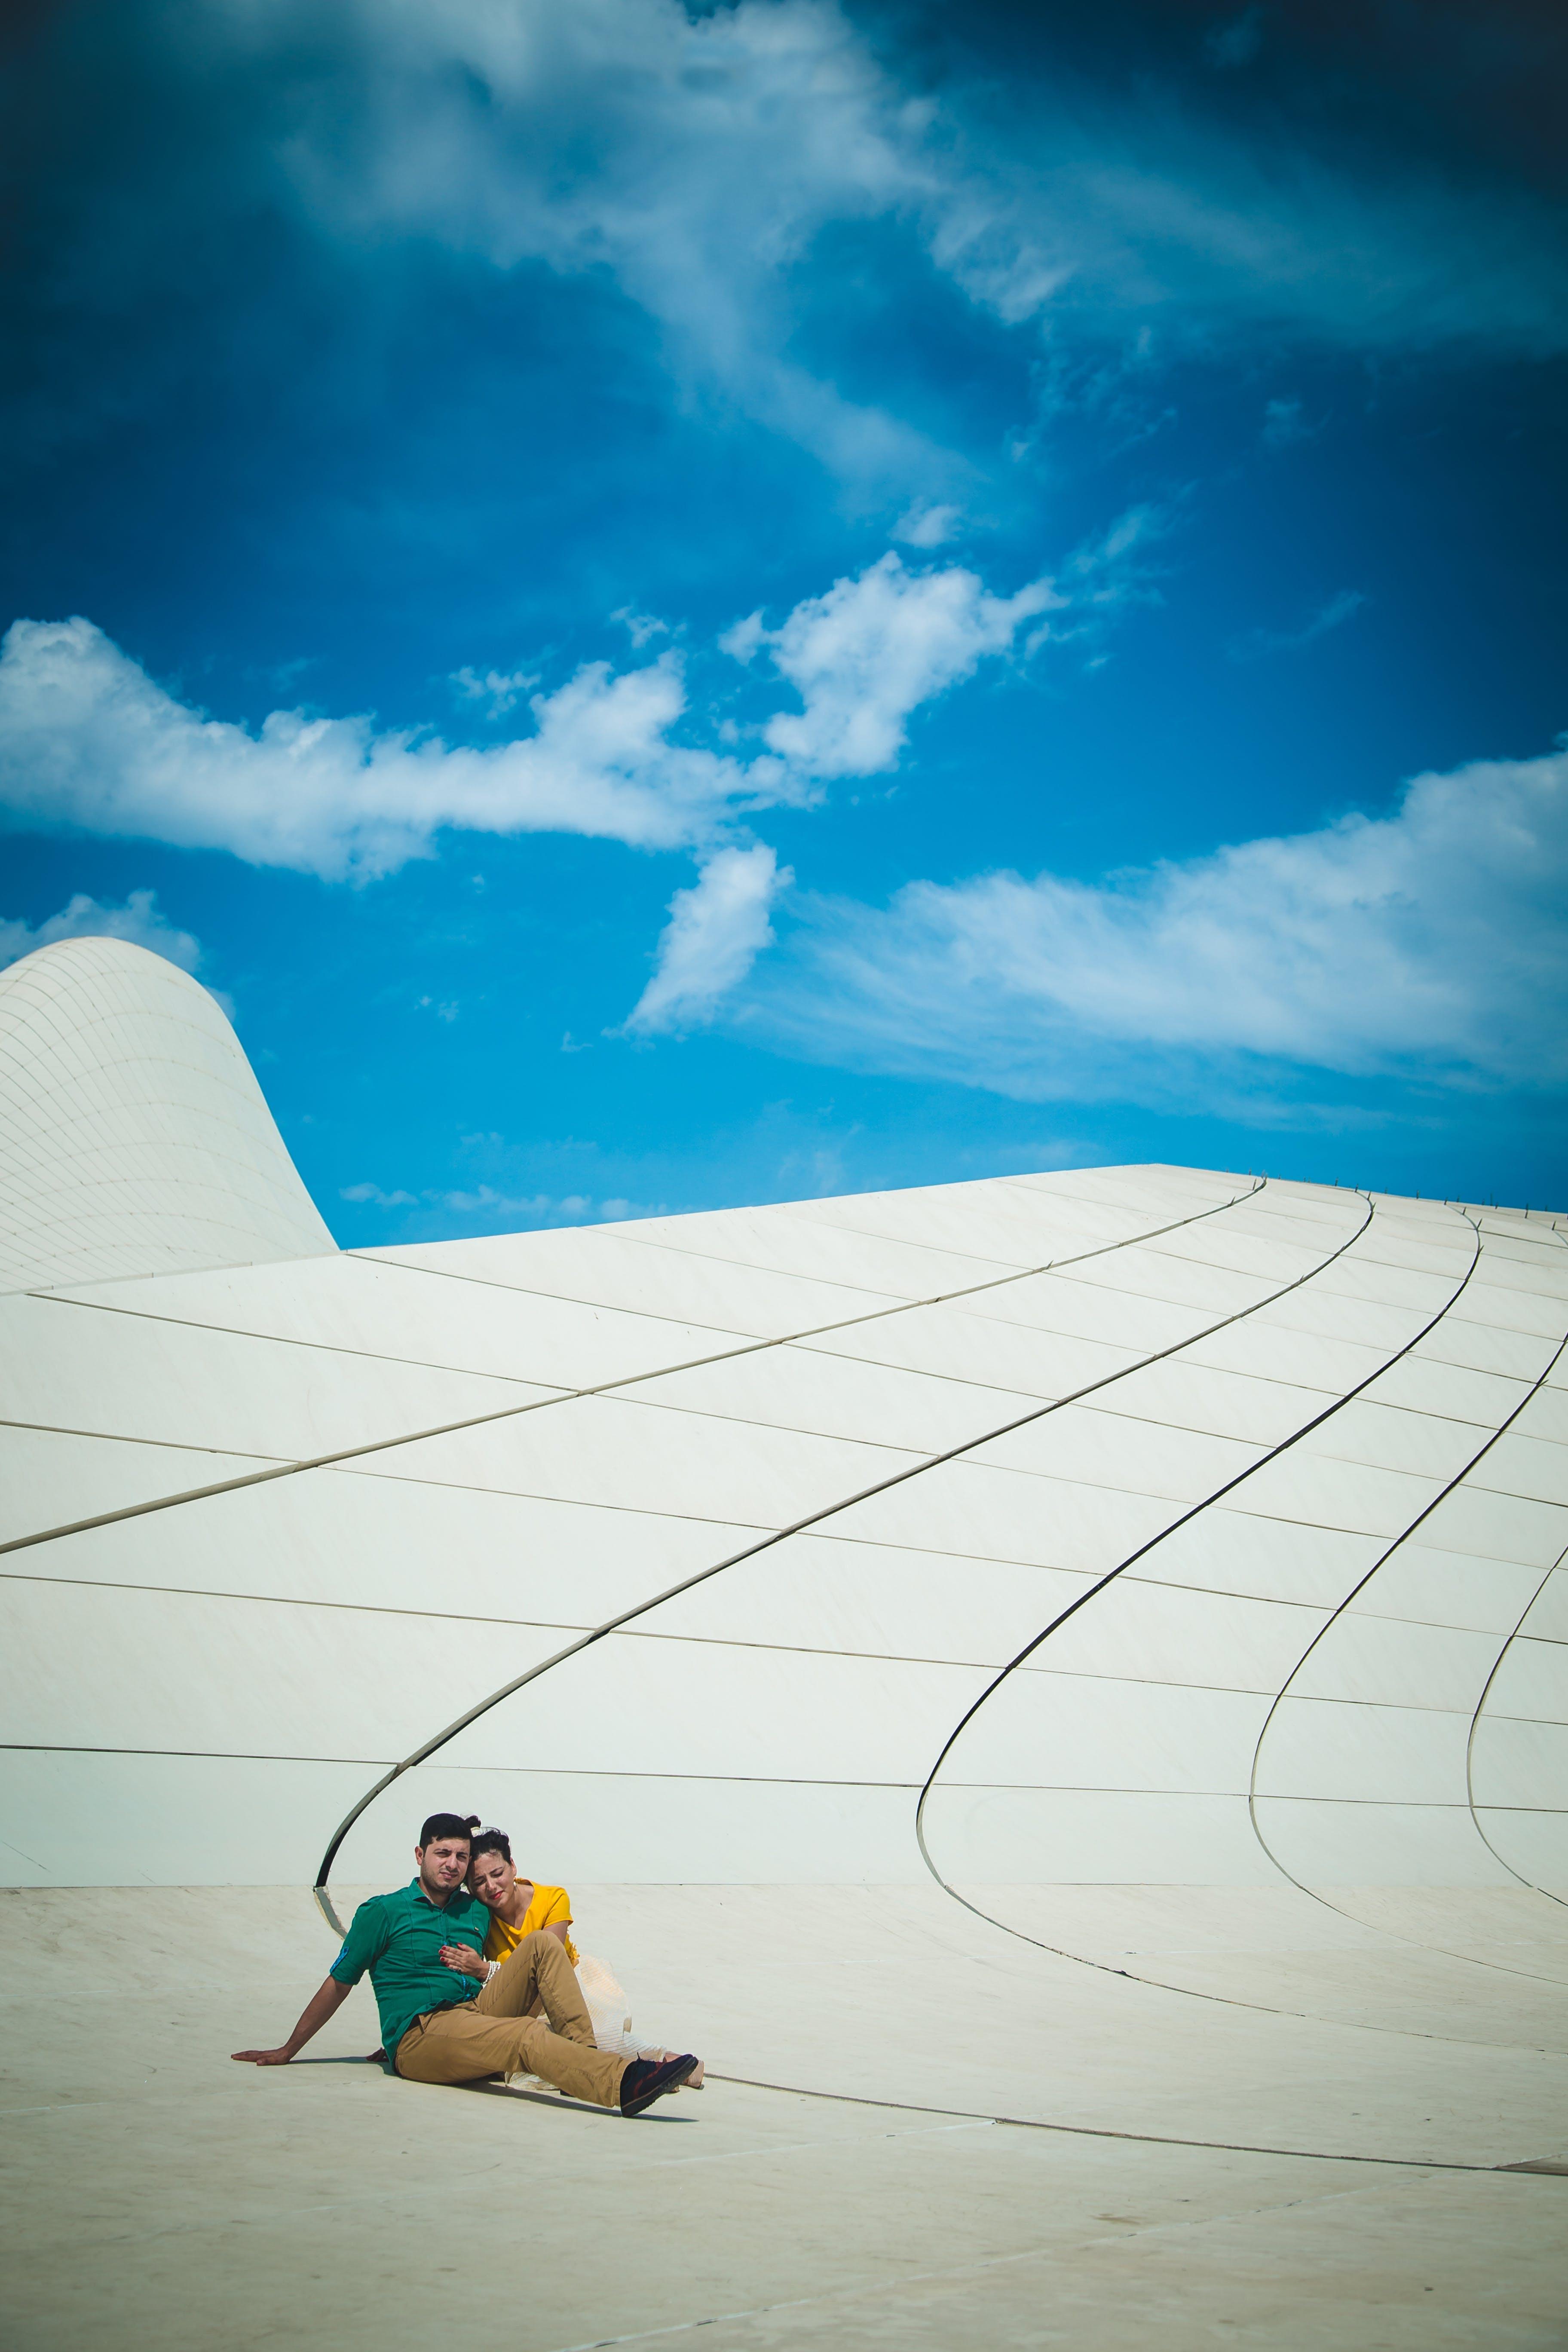 Free stock photo of Azerbaijan, Baku, couple, couple goal